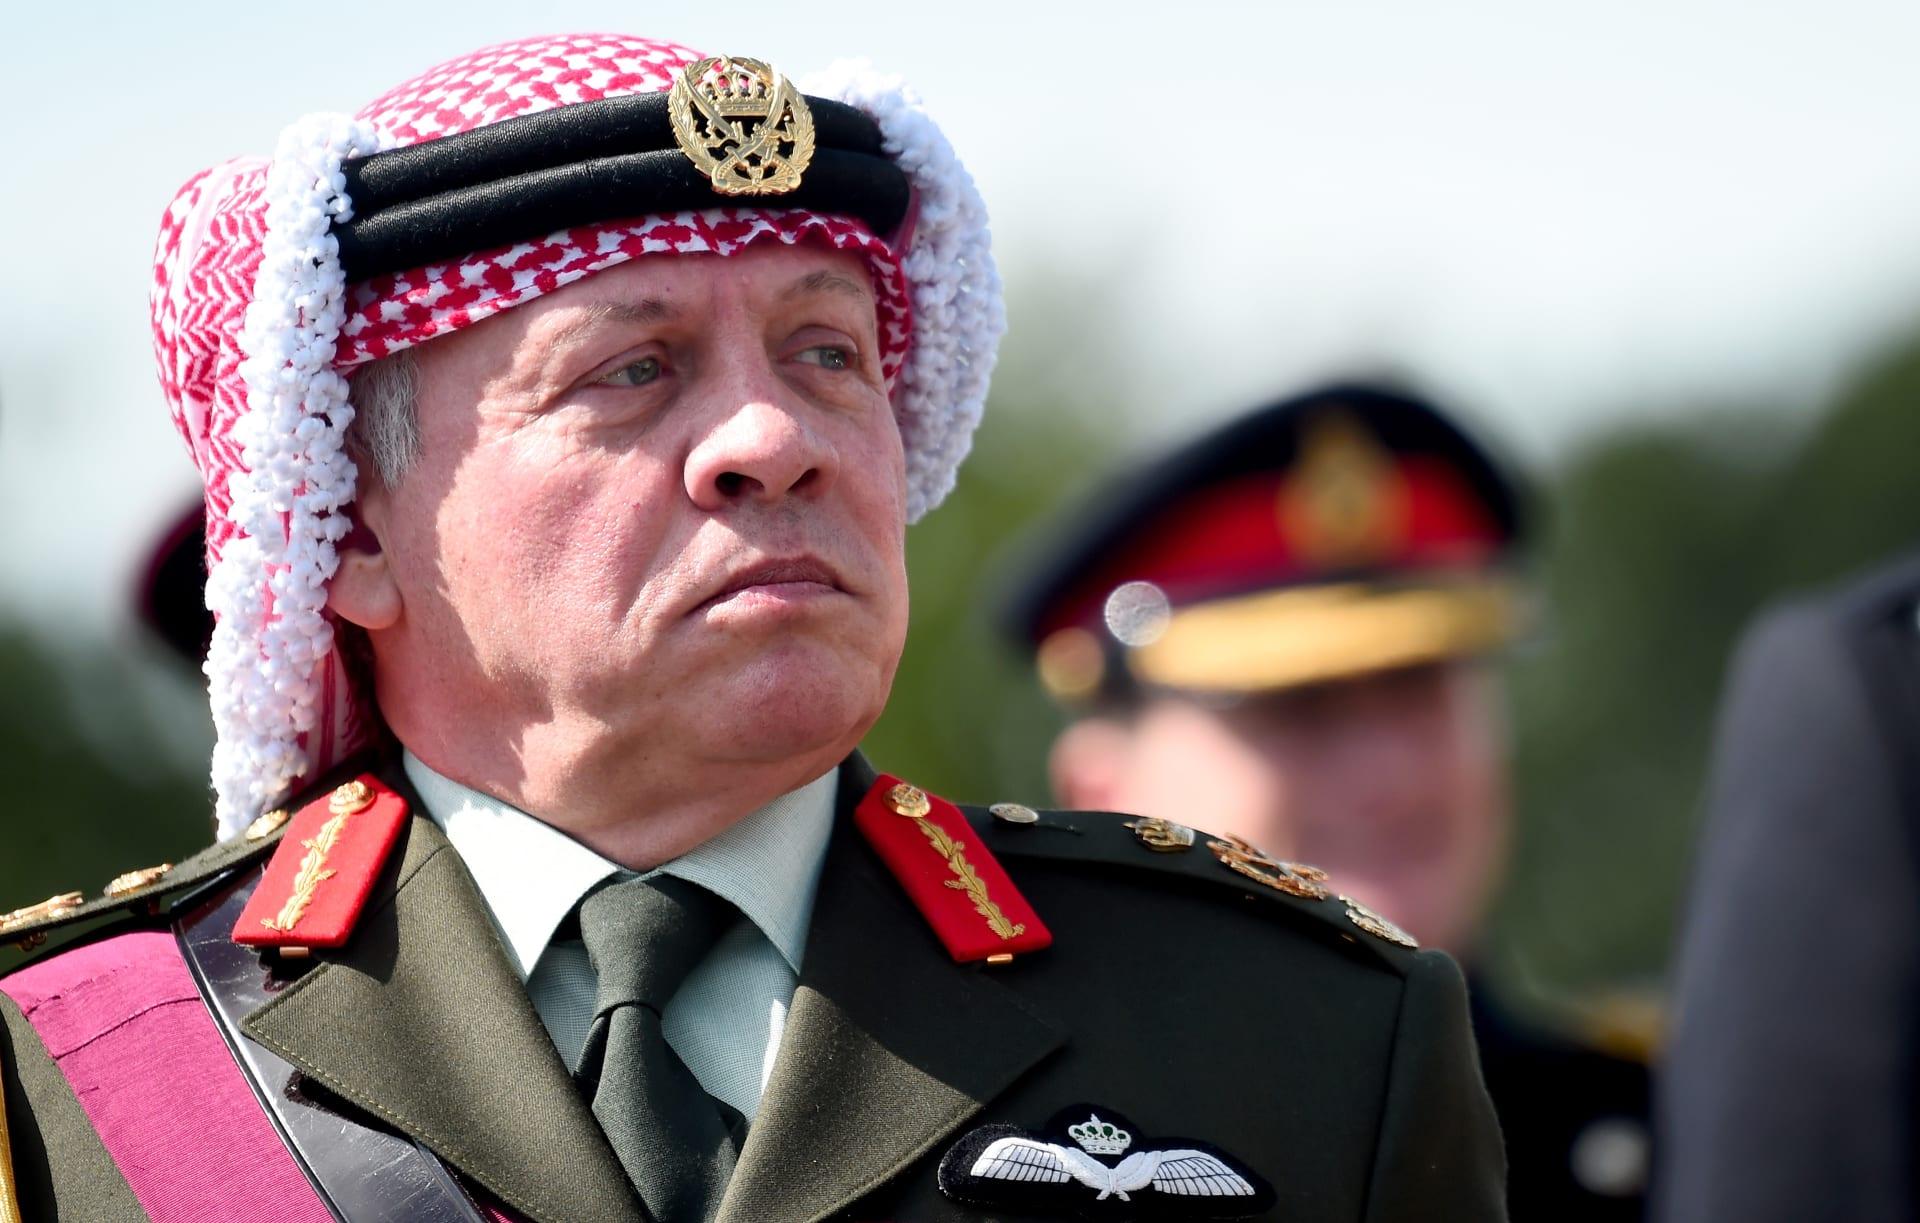 تغريدات لملك الأردن حول تحقيقات الفساد.. ومغردون يتفاعلون